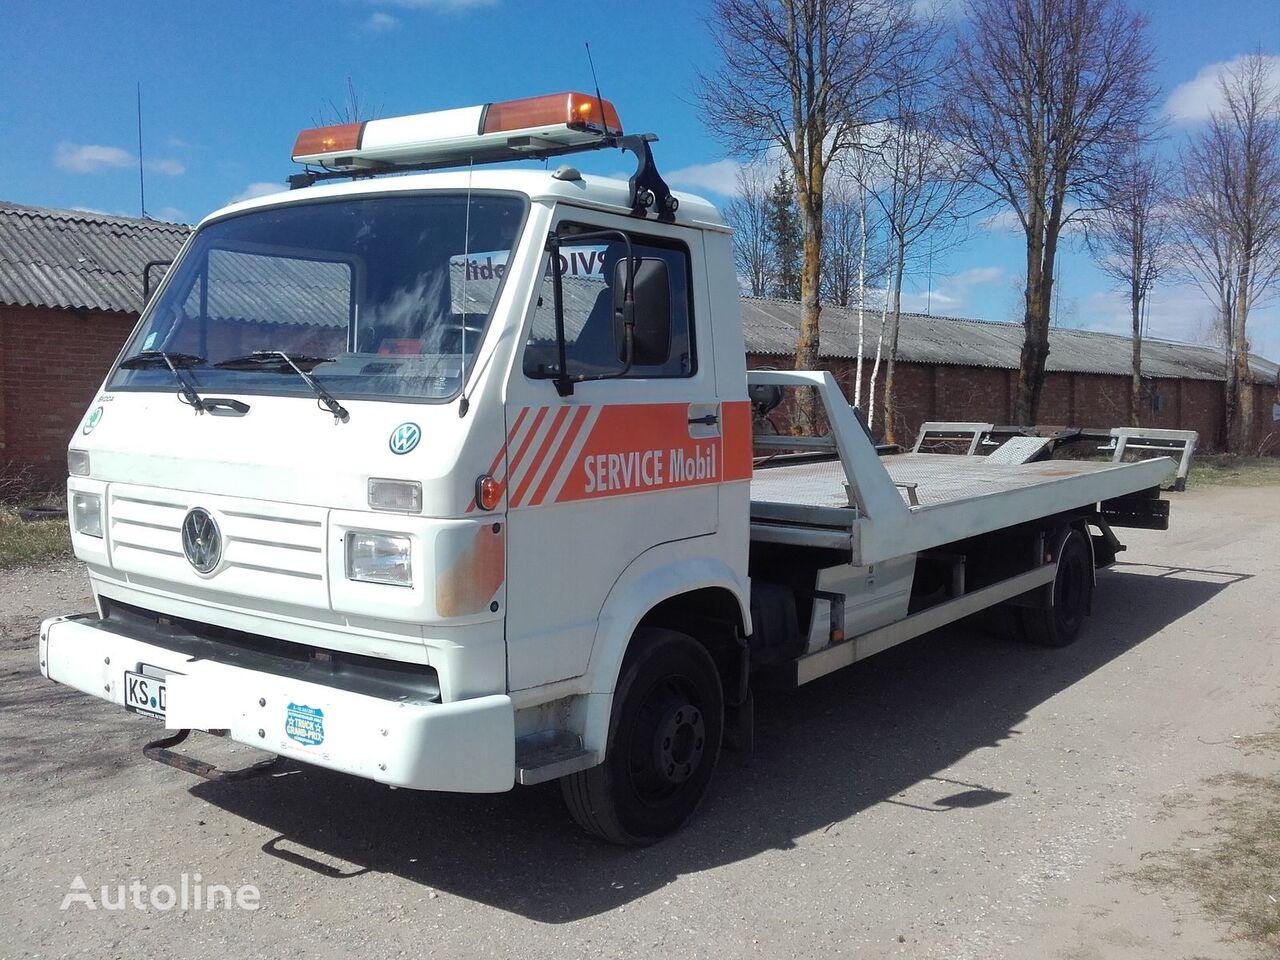 VOLKSWAGEN L80 biltransport